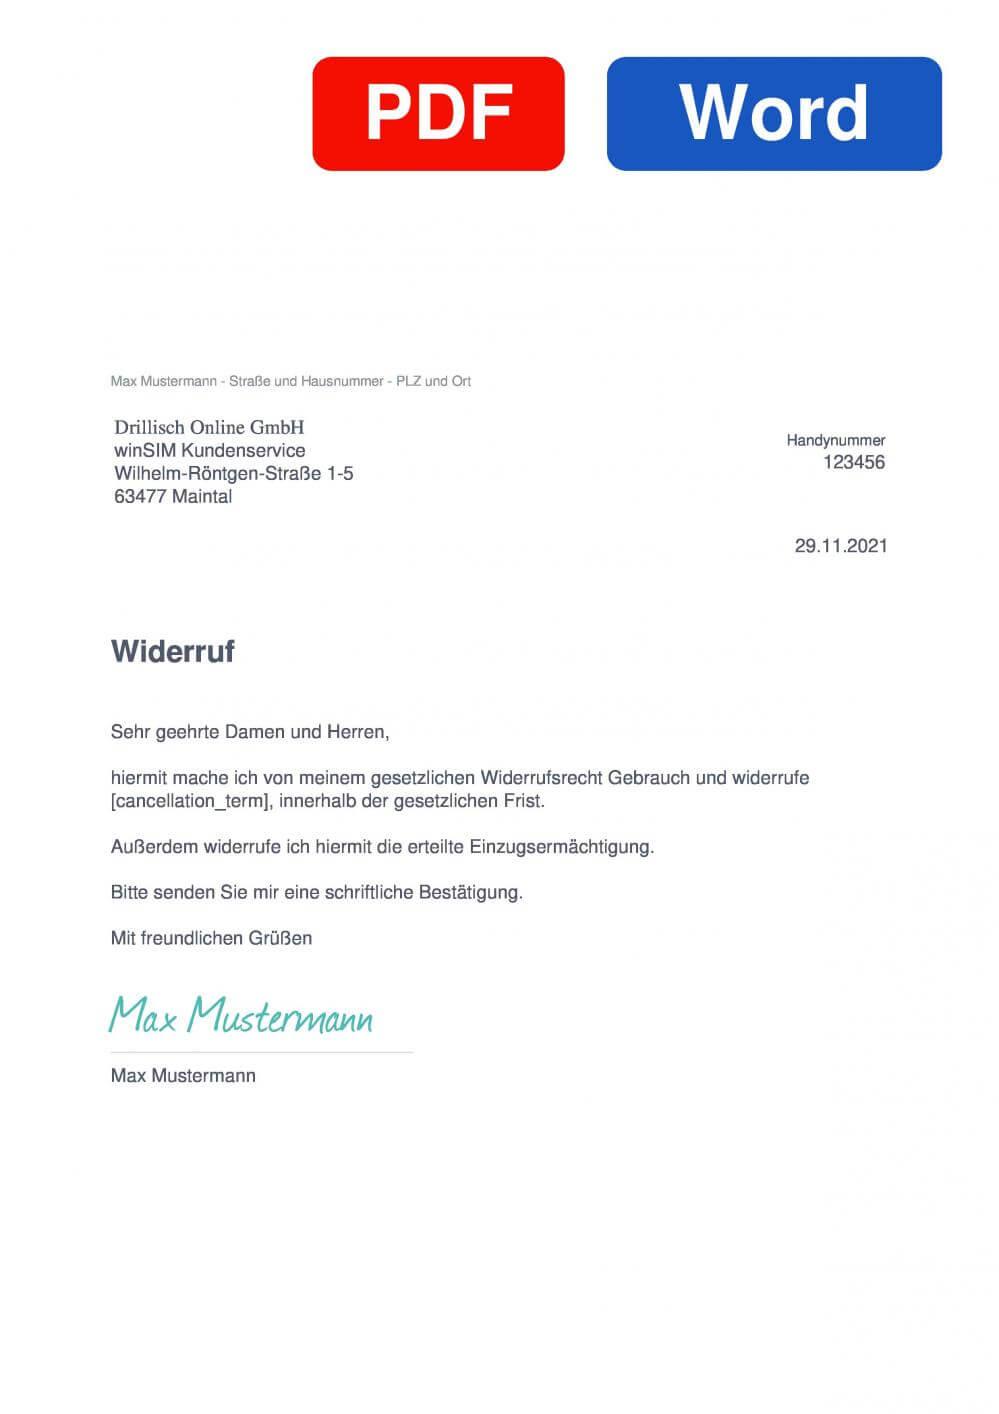 winSIM Muster Vorlage für Wiederrufsschreiben